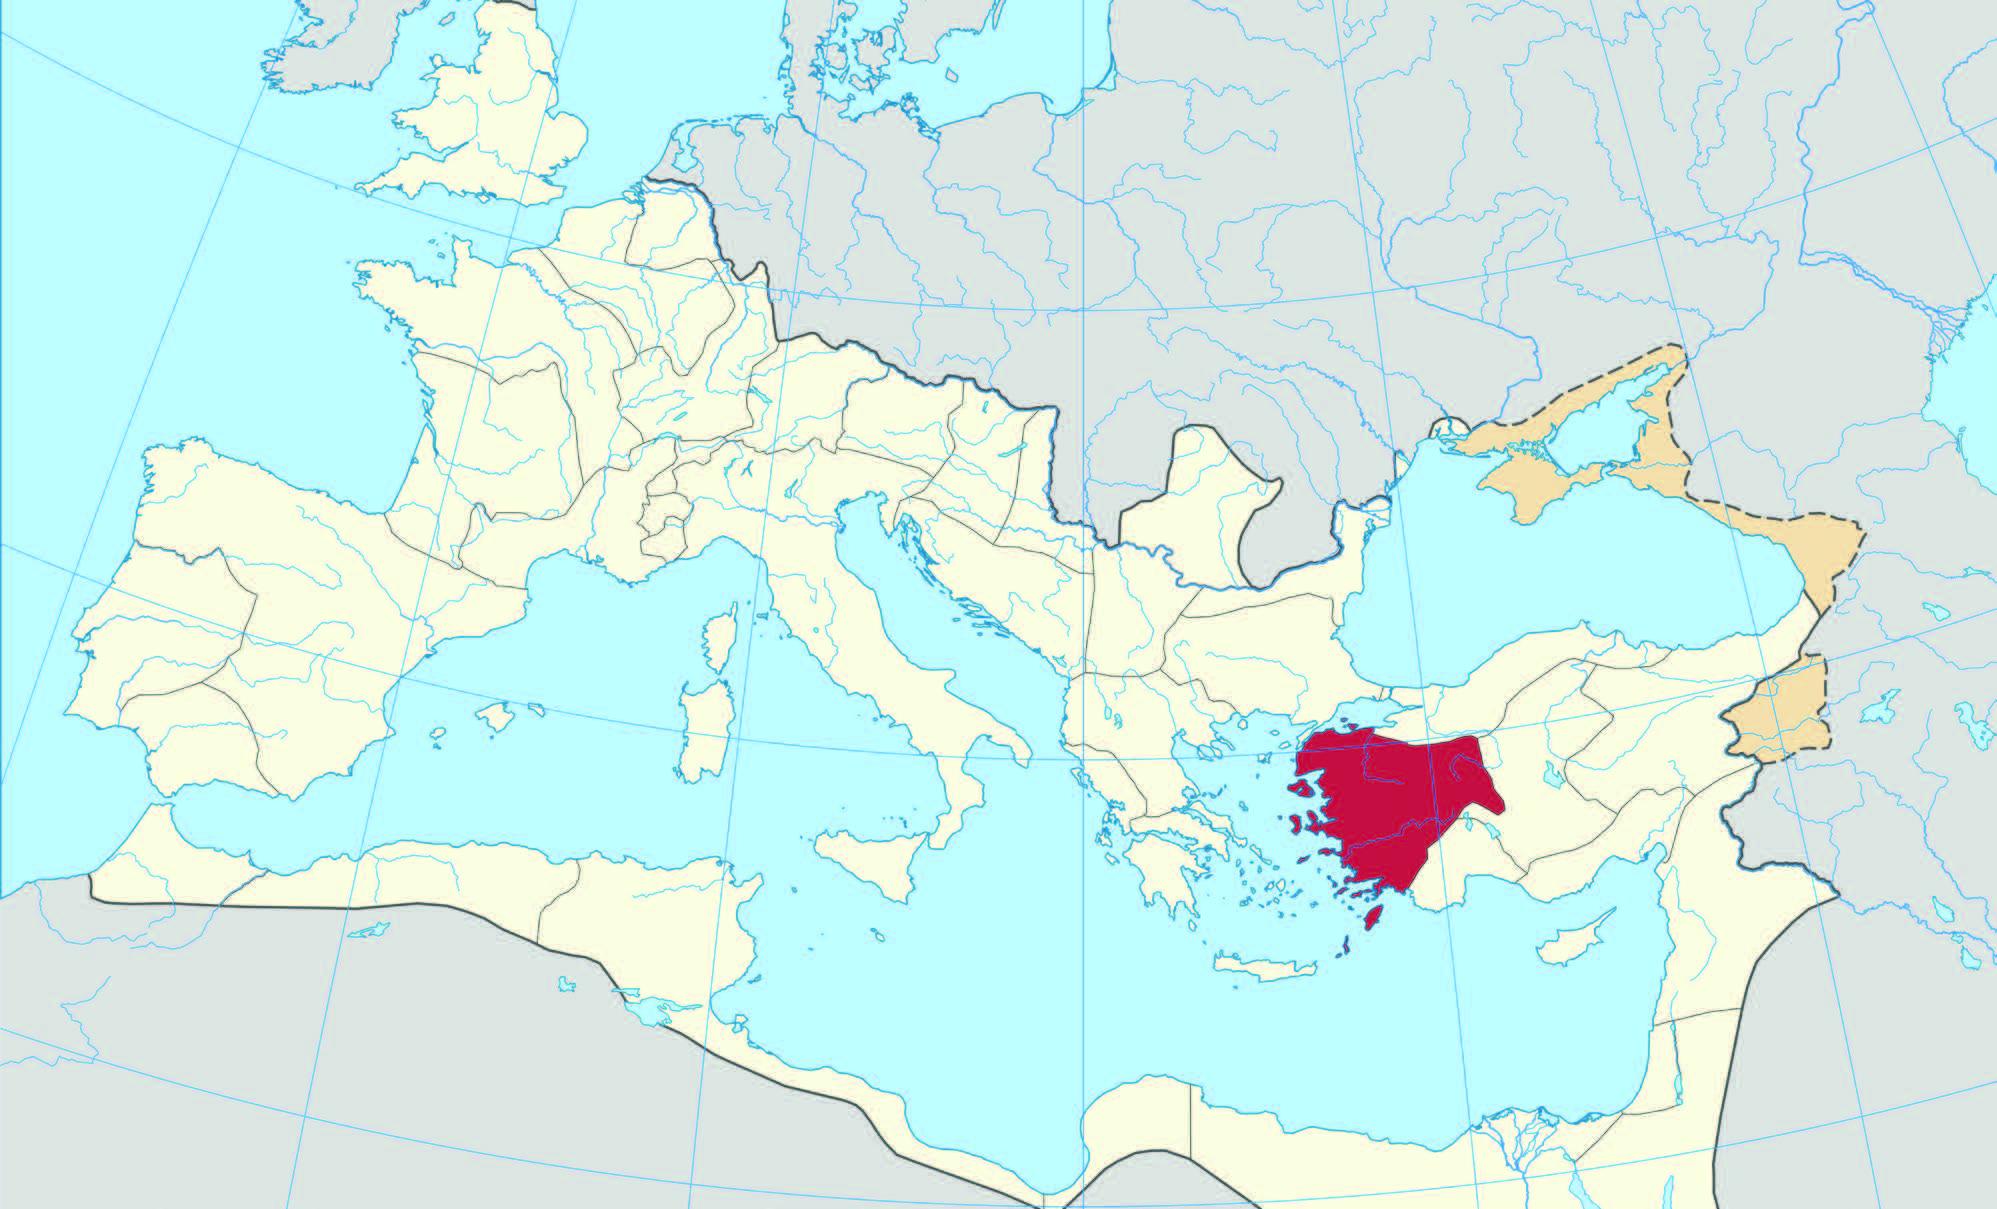 Asya eyaletinin, Roma İmparatorluğu içinde vurgulanmış formu